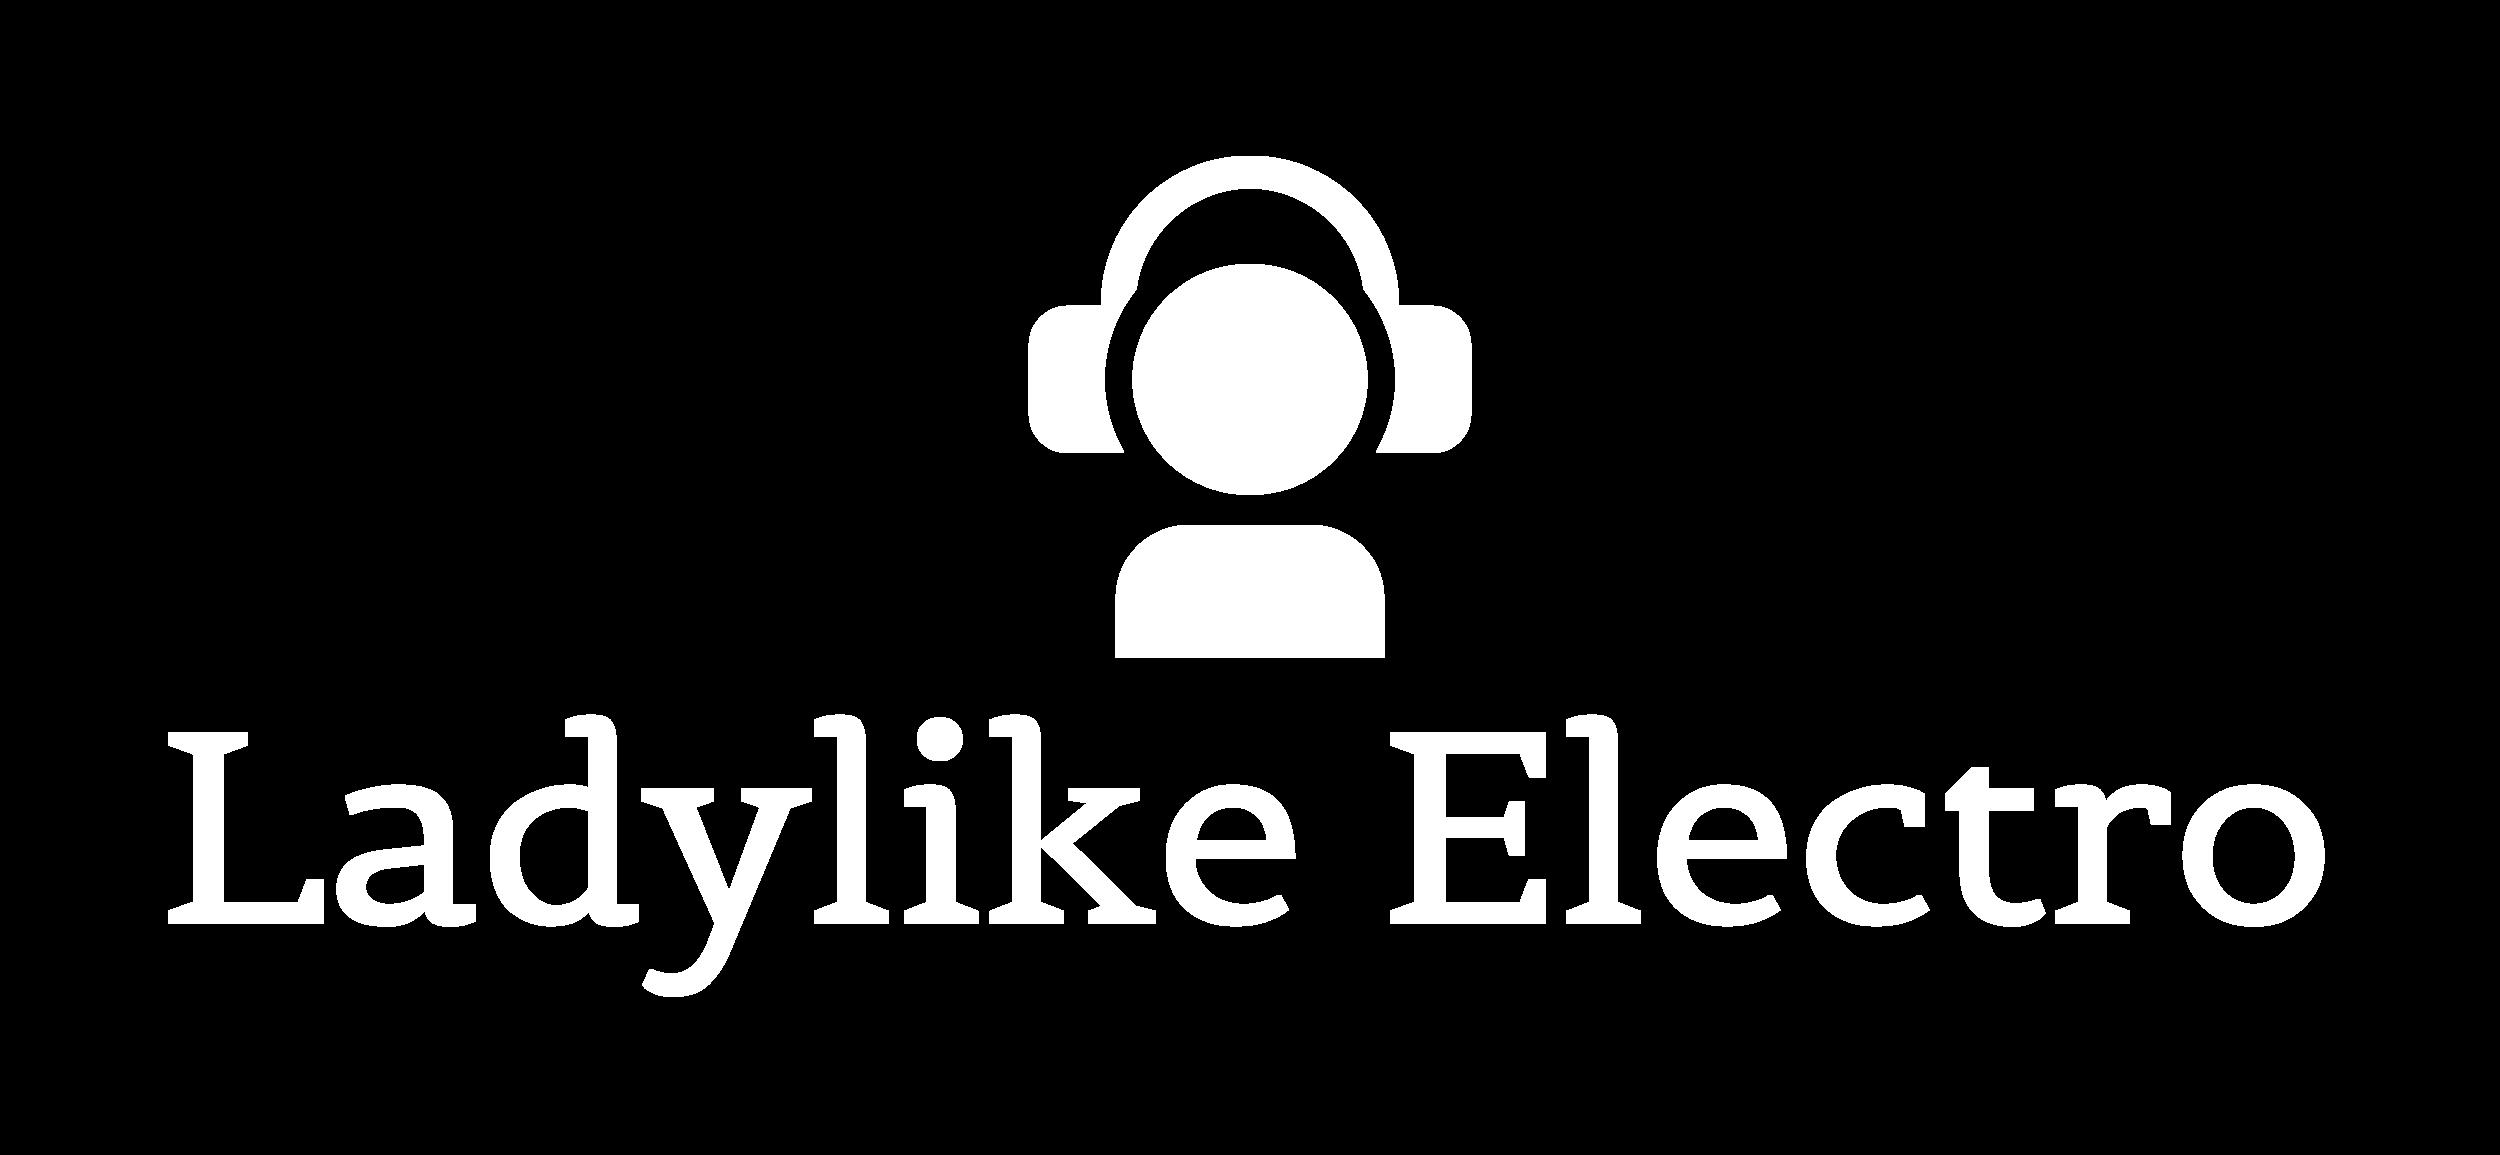 ladylike_electro_logo_white.png